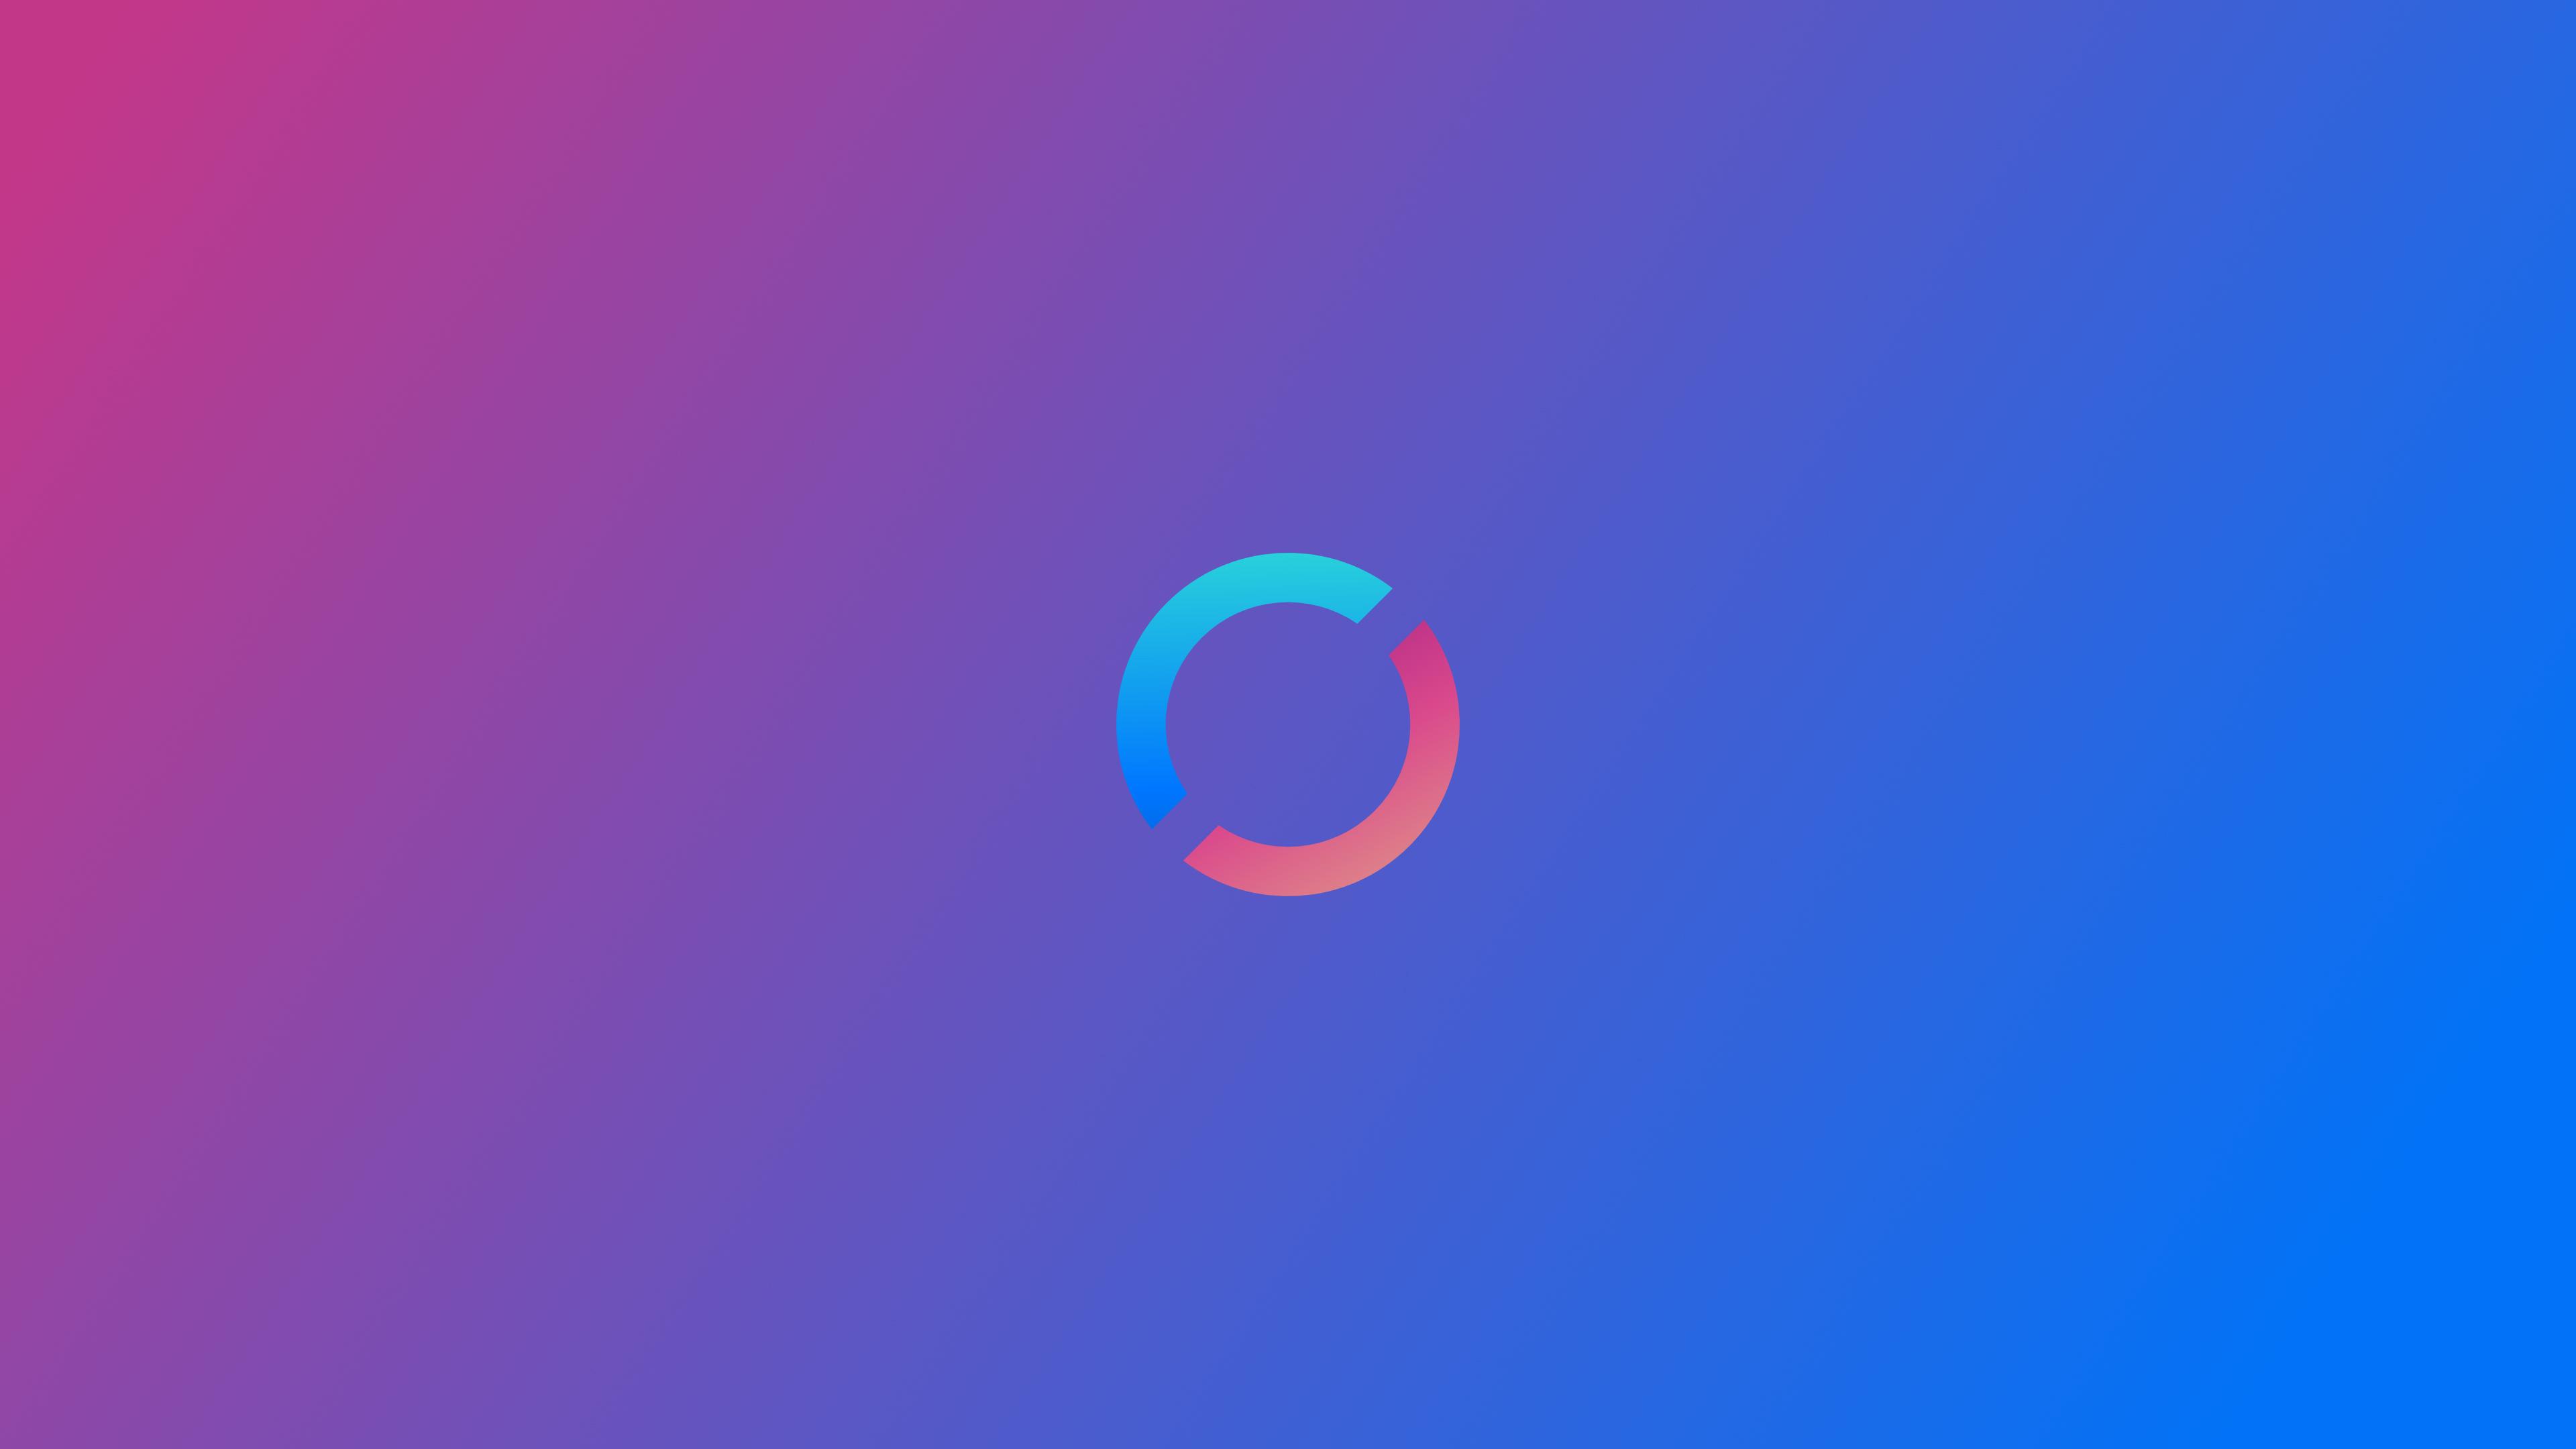 Wallpaper 4k Refresh Logo Minimalism 4k 4k Wallpapers